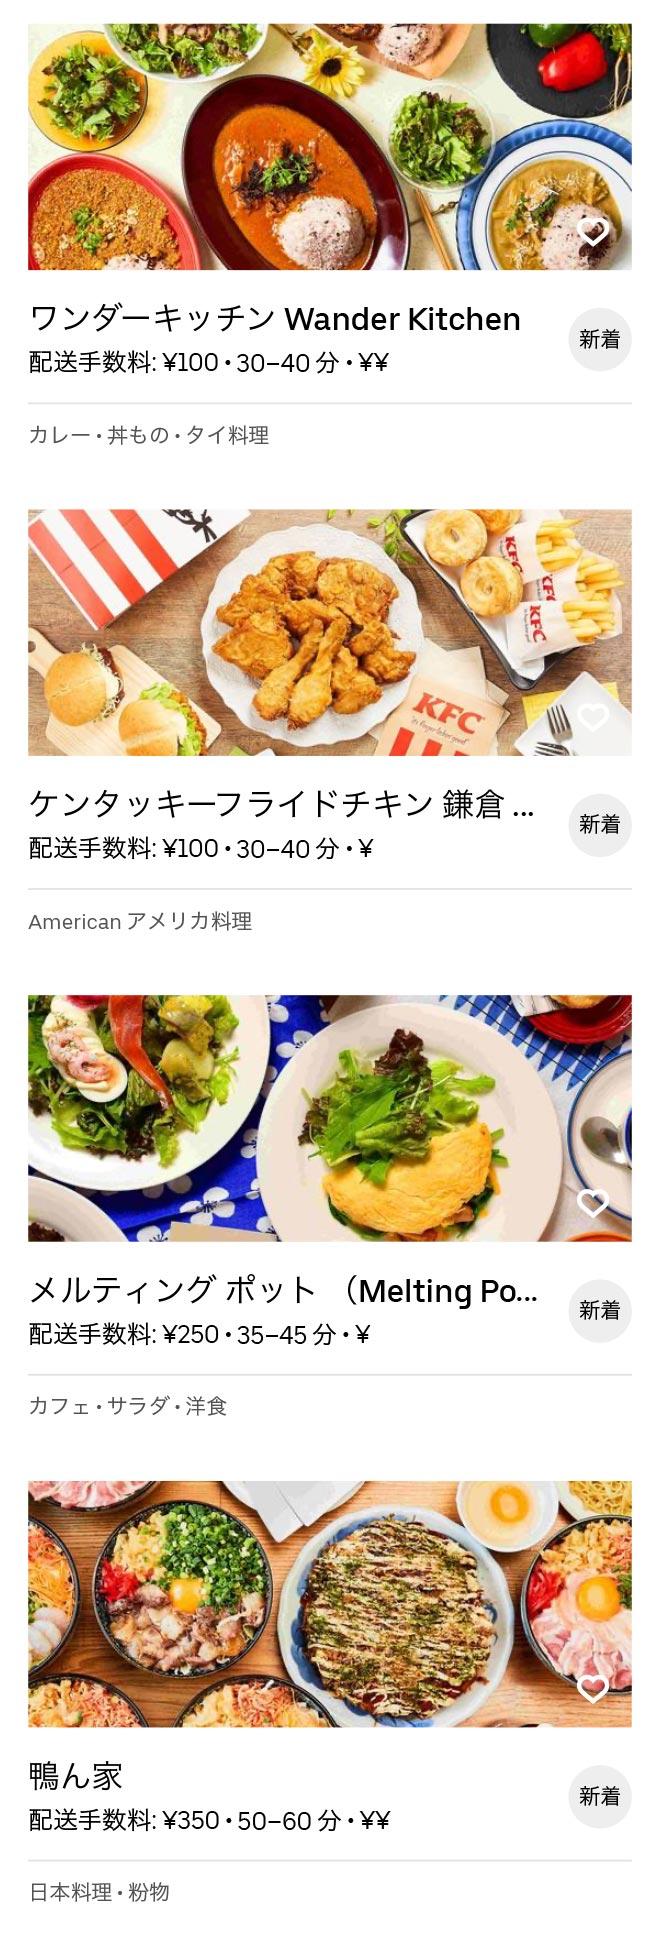 Kamakura menu 2008 03